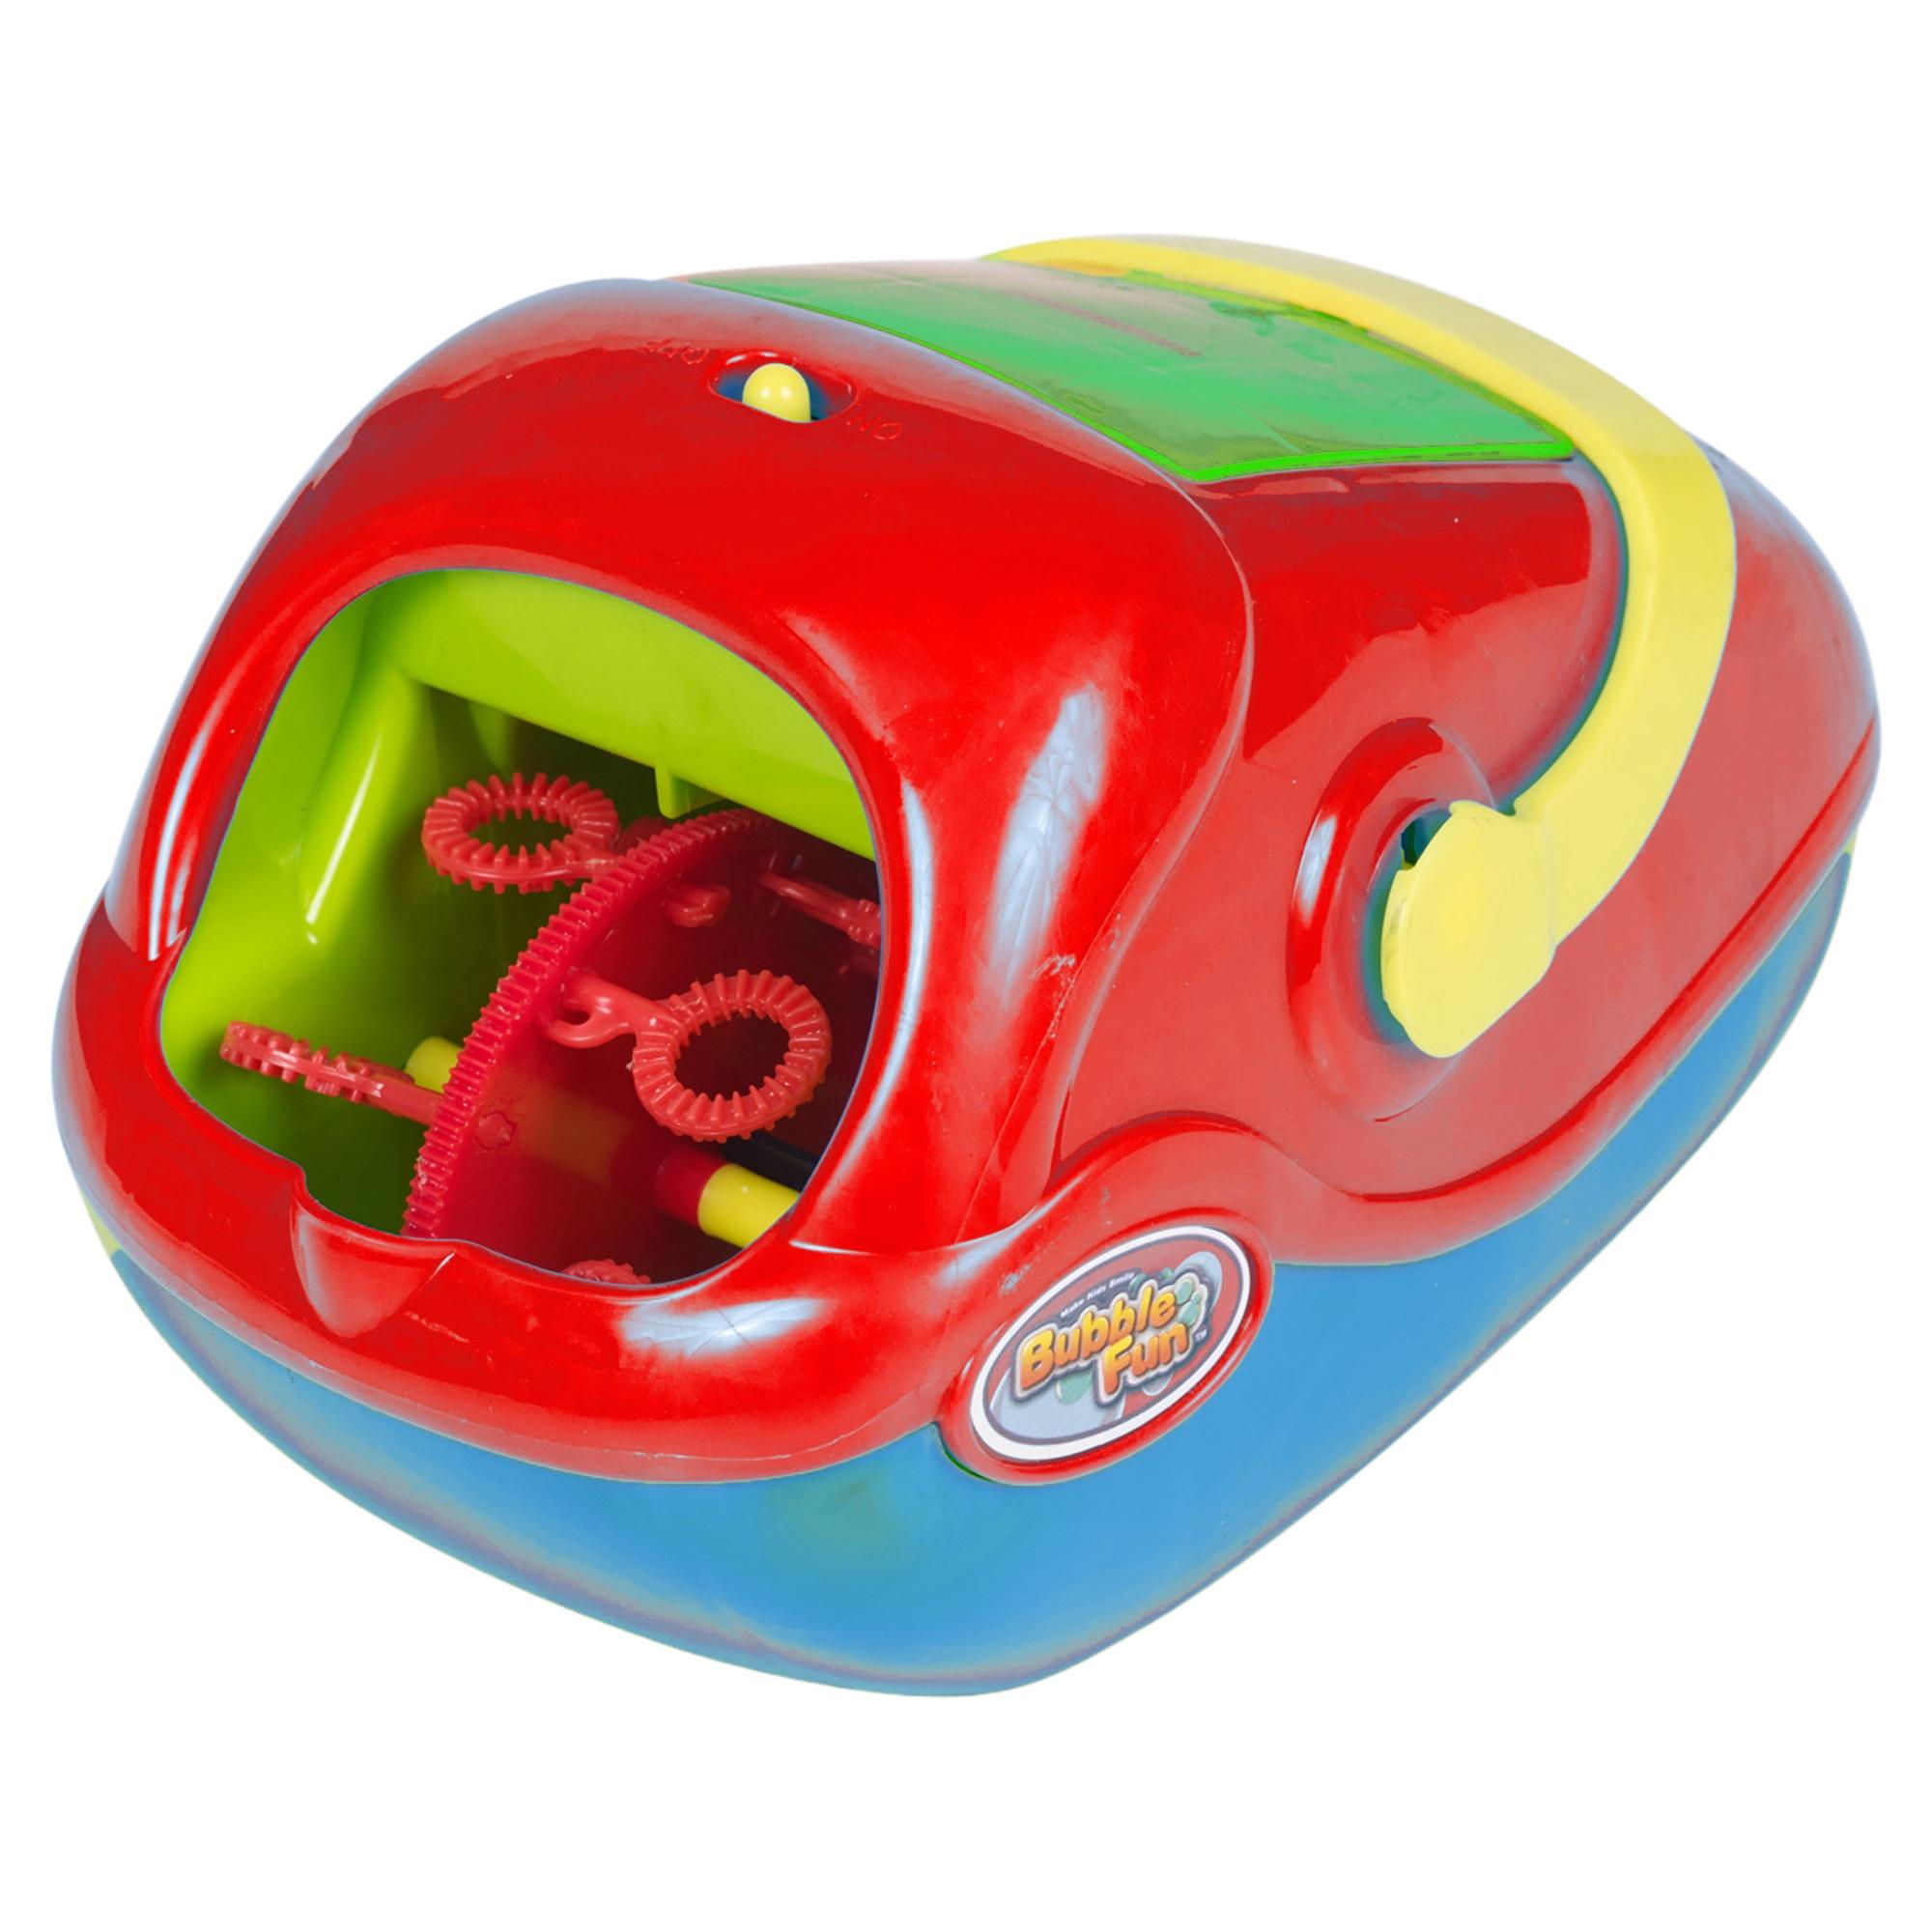 Kinder seifenblasen maschine hersteller gebl se auto for Seifenblasen auf englisch